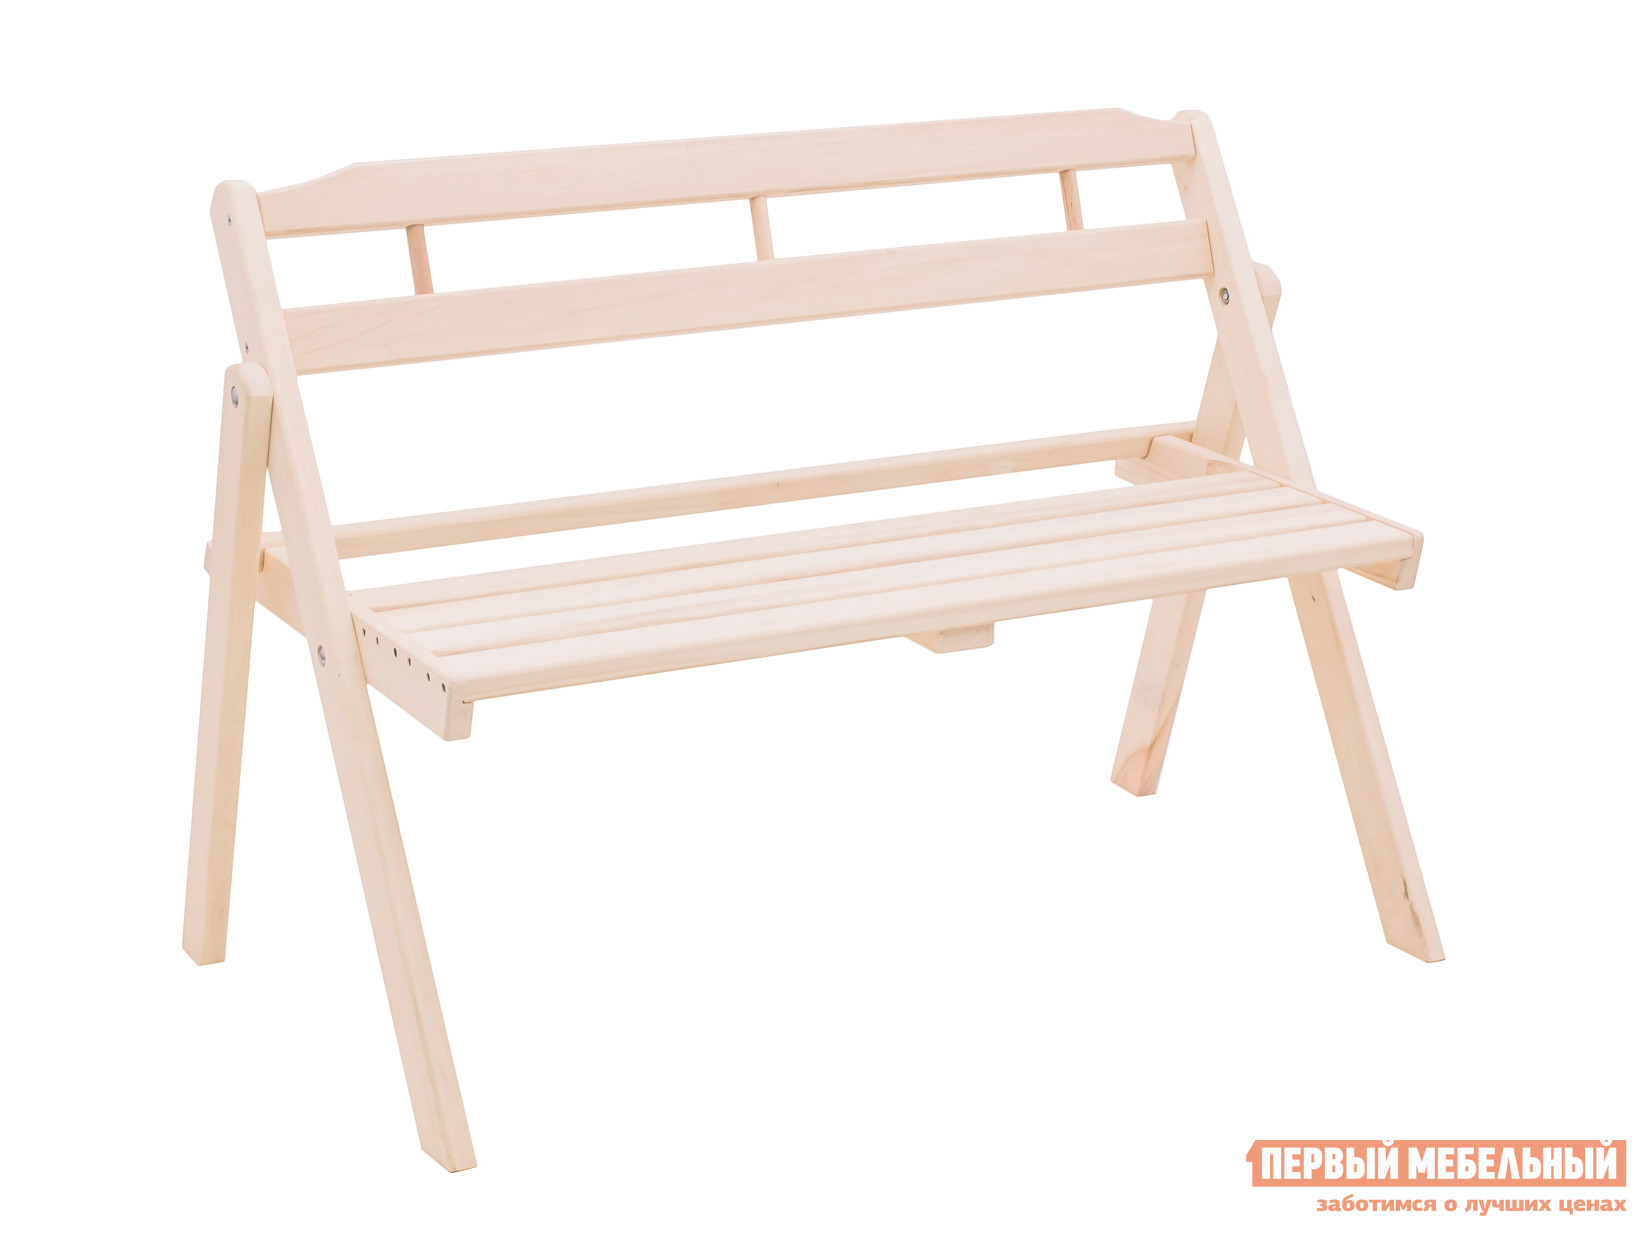 Скамейка для дачи со спинкой из дерева Смолянка Скамья садовая скл. со спинкой 1,1 м осина БМ053Б